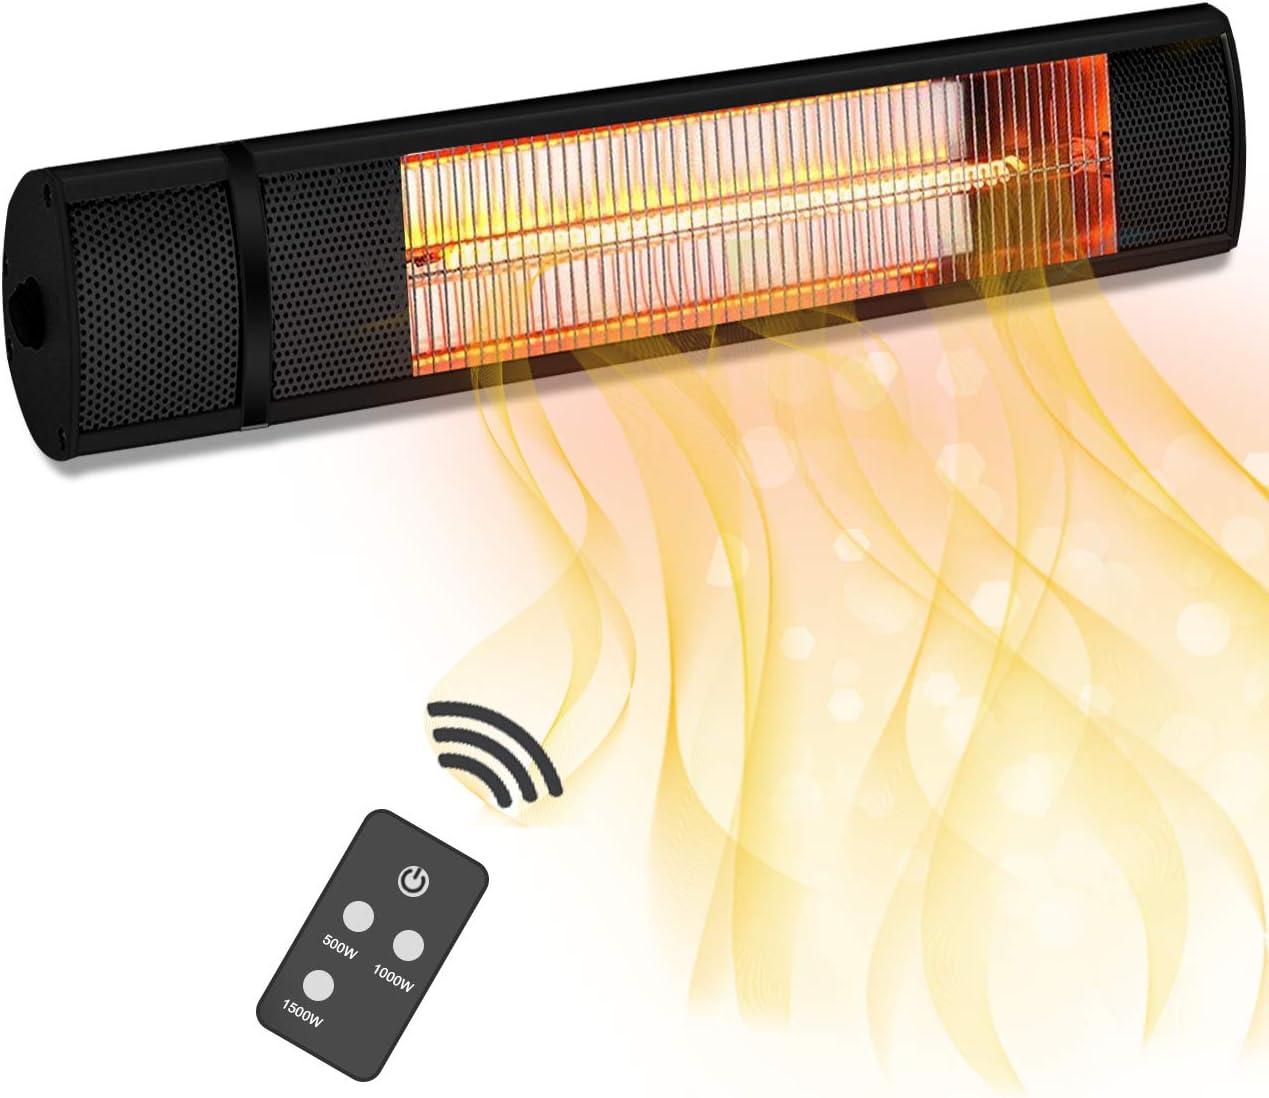 Aqziill - Calentador de Patio para Exteriores con Mando a Distancia (120 V, IP65, Resistente al Agua), Color Negro: Amazon.es: Jardín